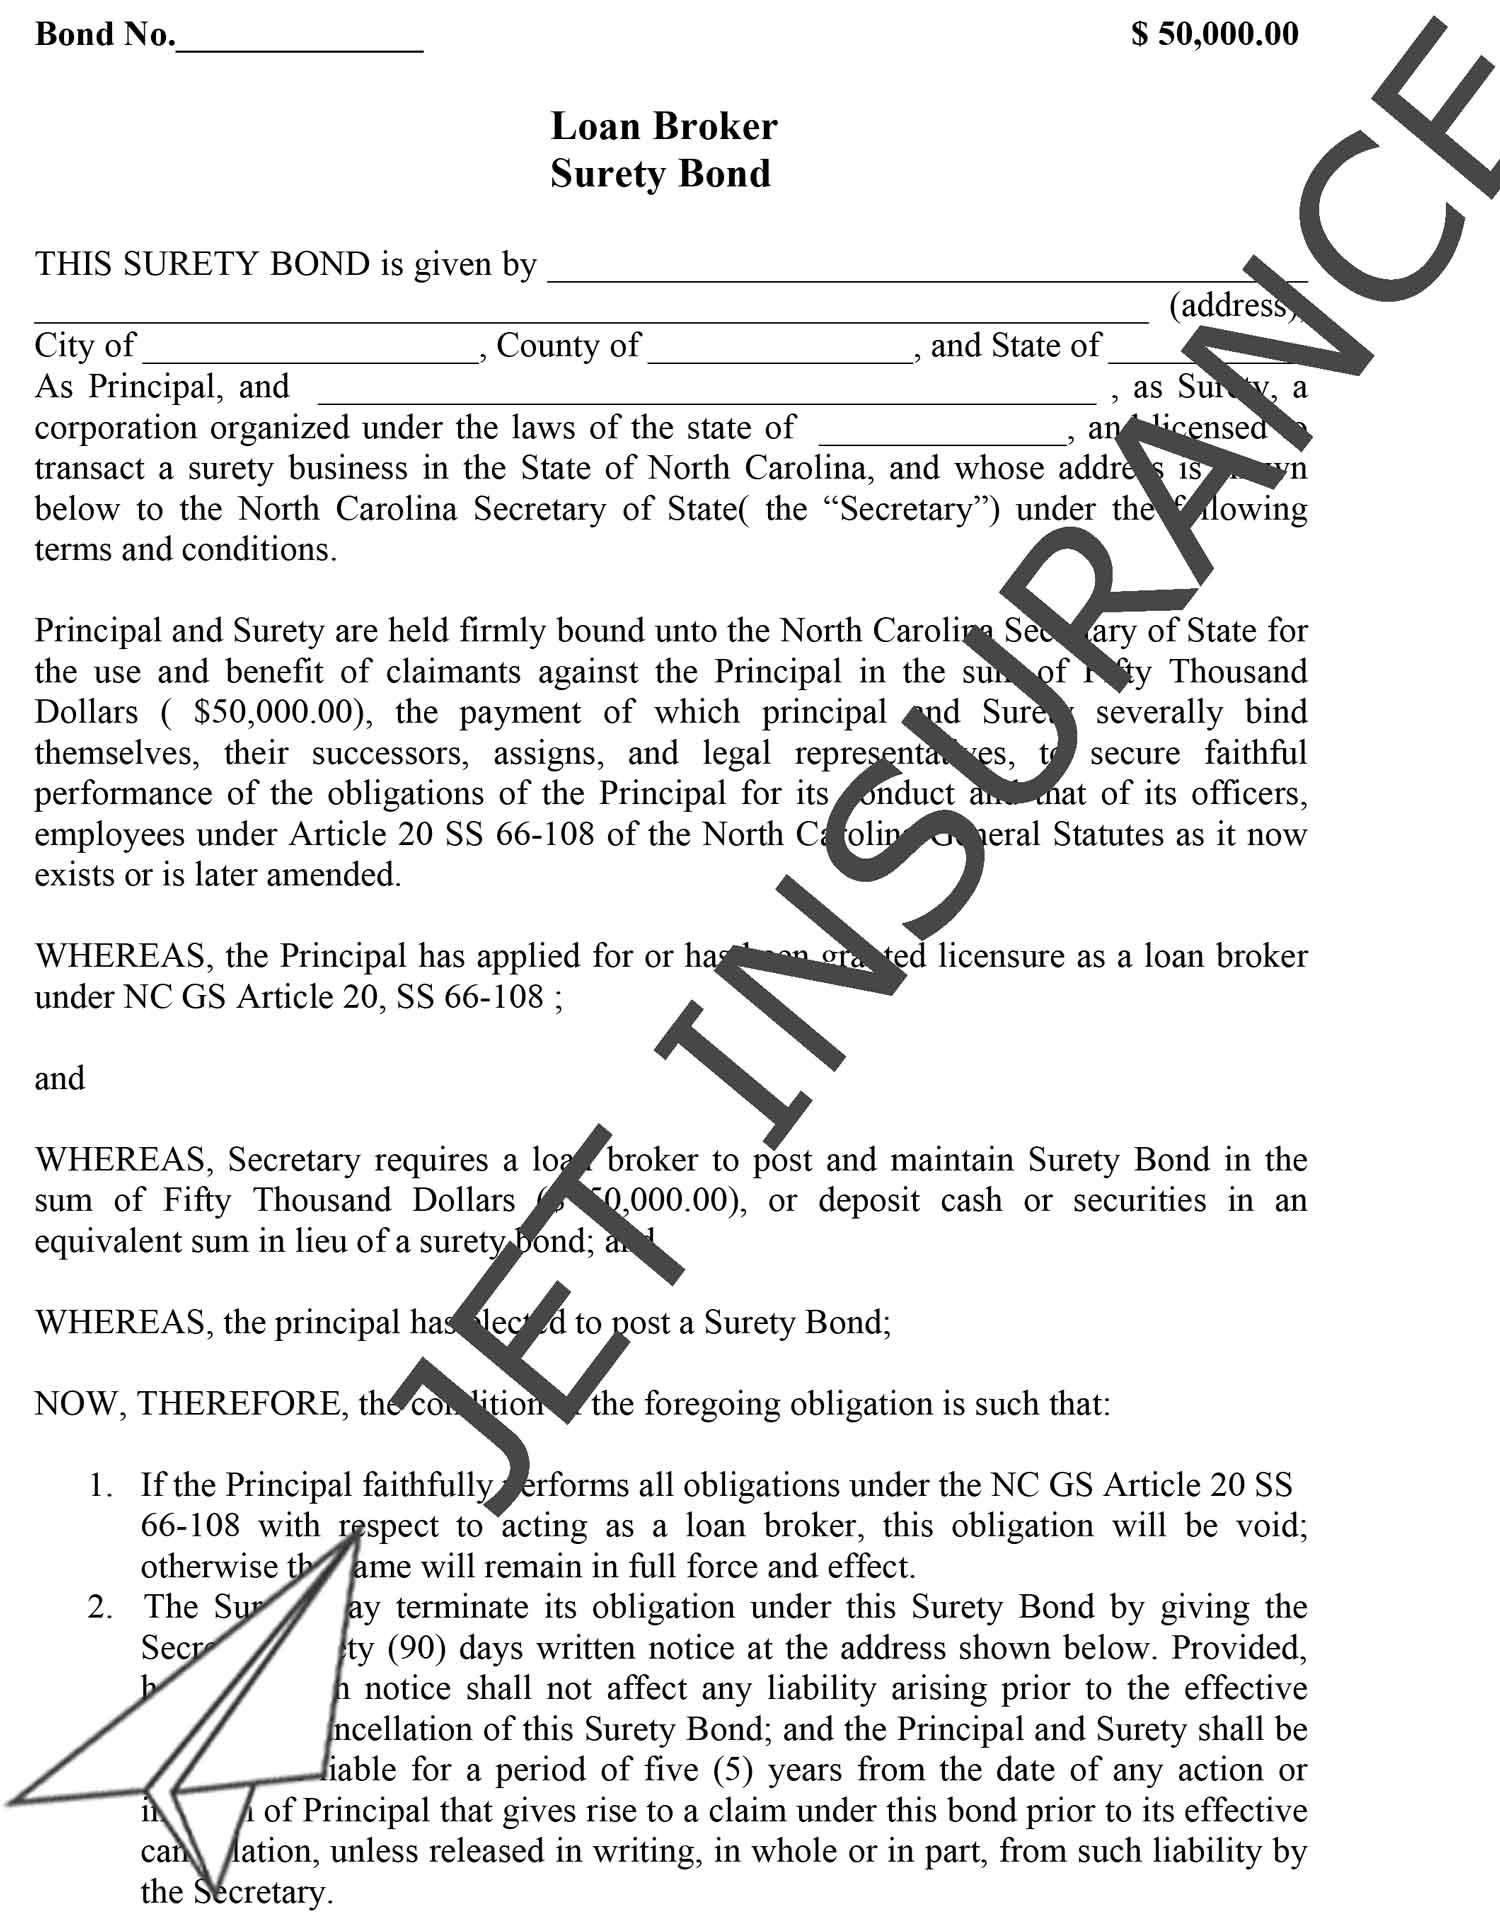 North Carolina Loan Broker Bond Form